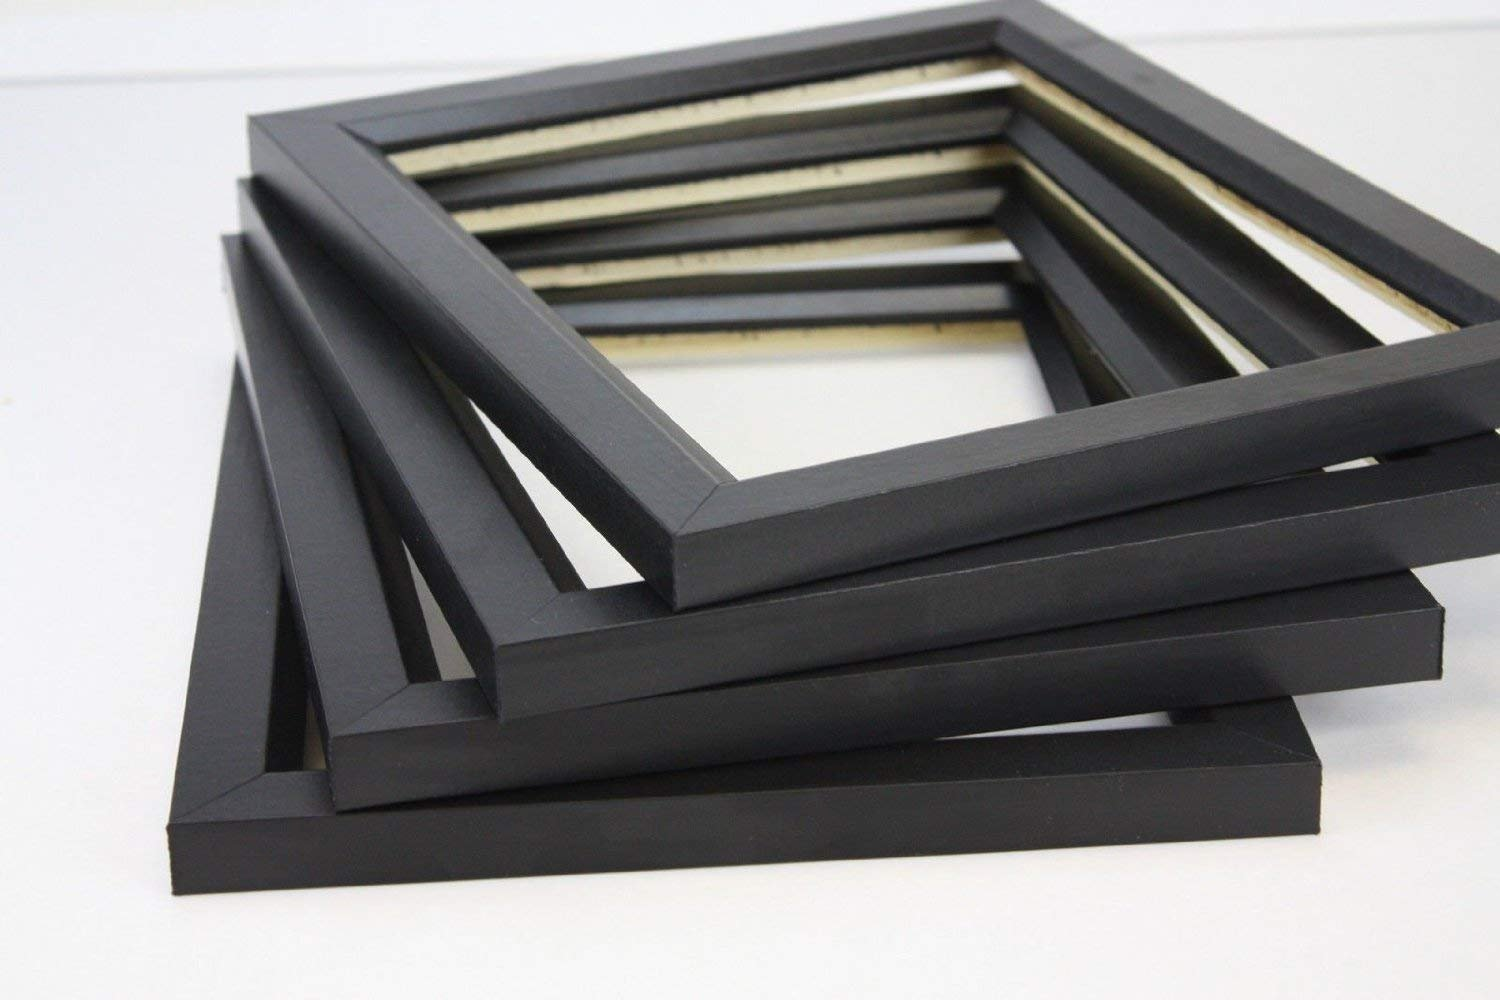 US Art Frames 13x19 Black Solid wood .84 inch (Poplar) Picture/Poster frame - SET OF 4